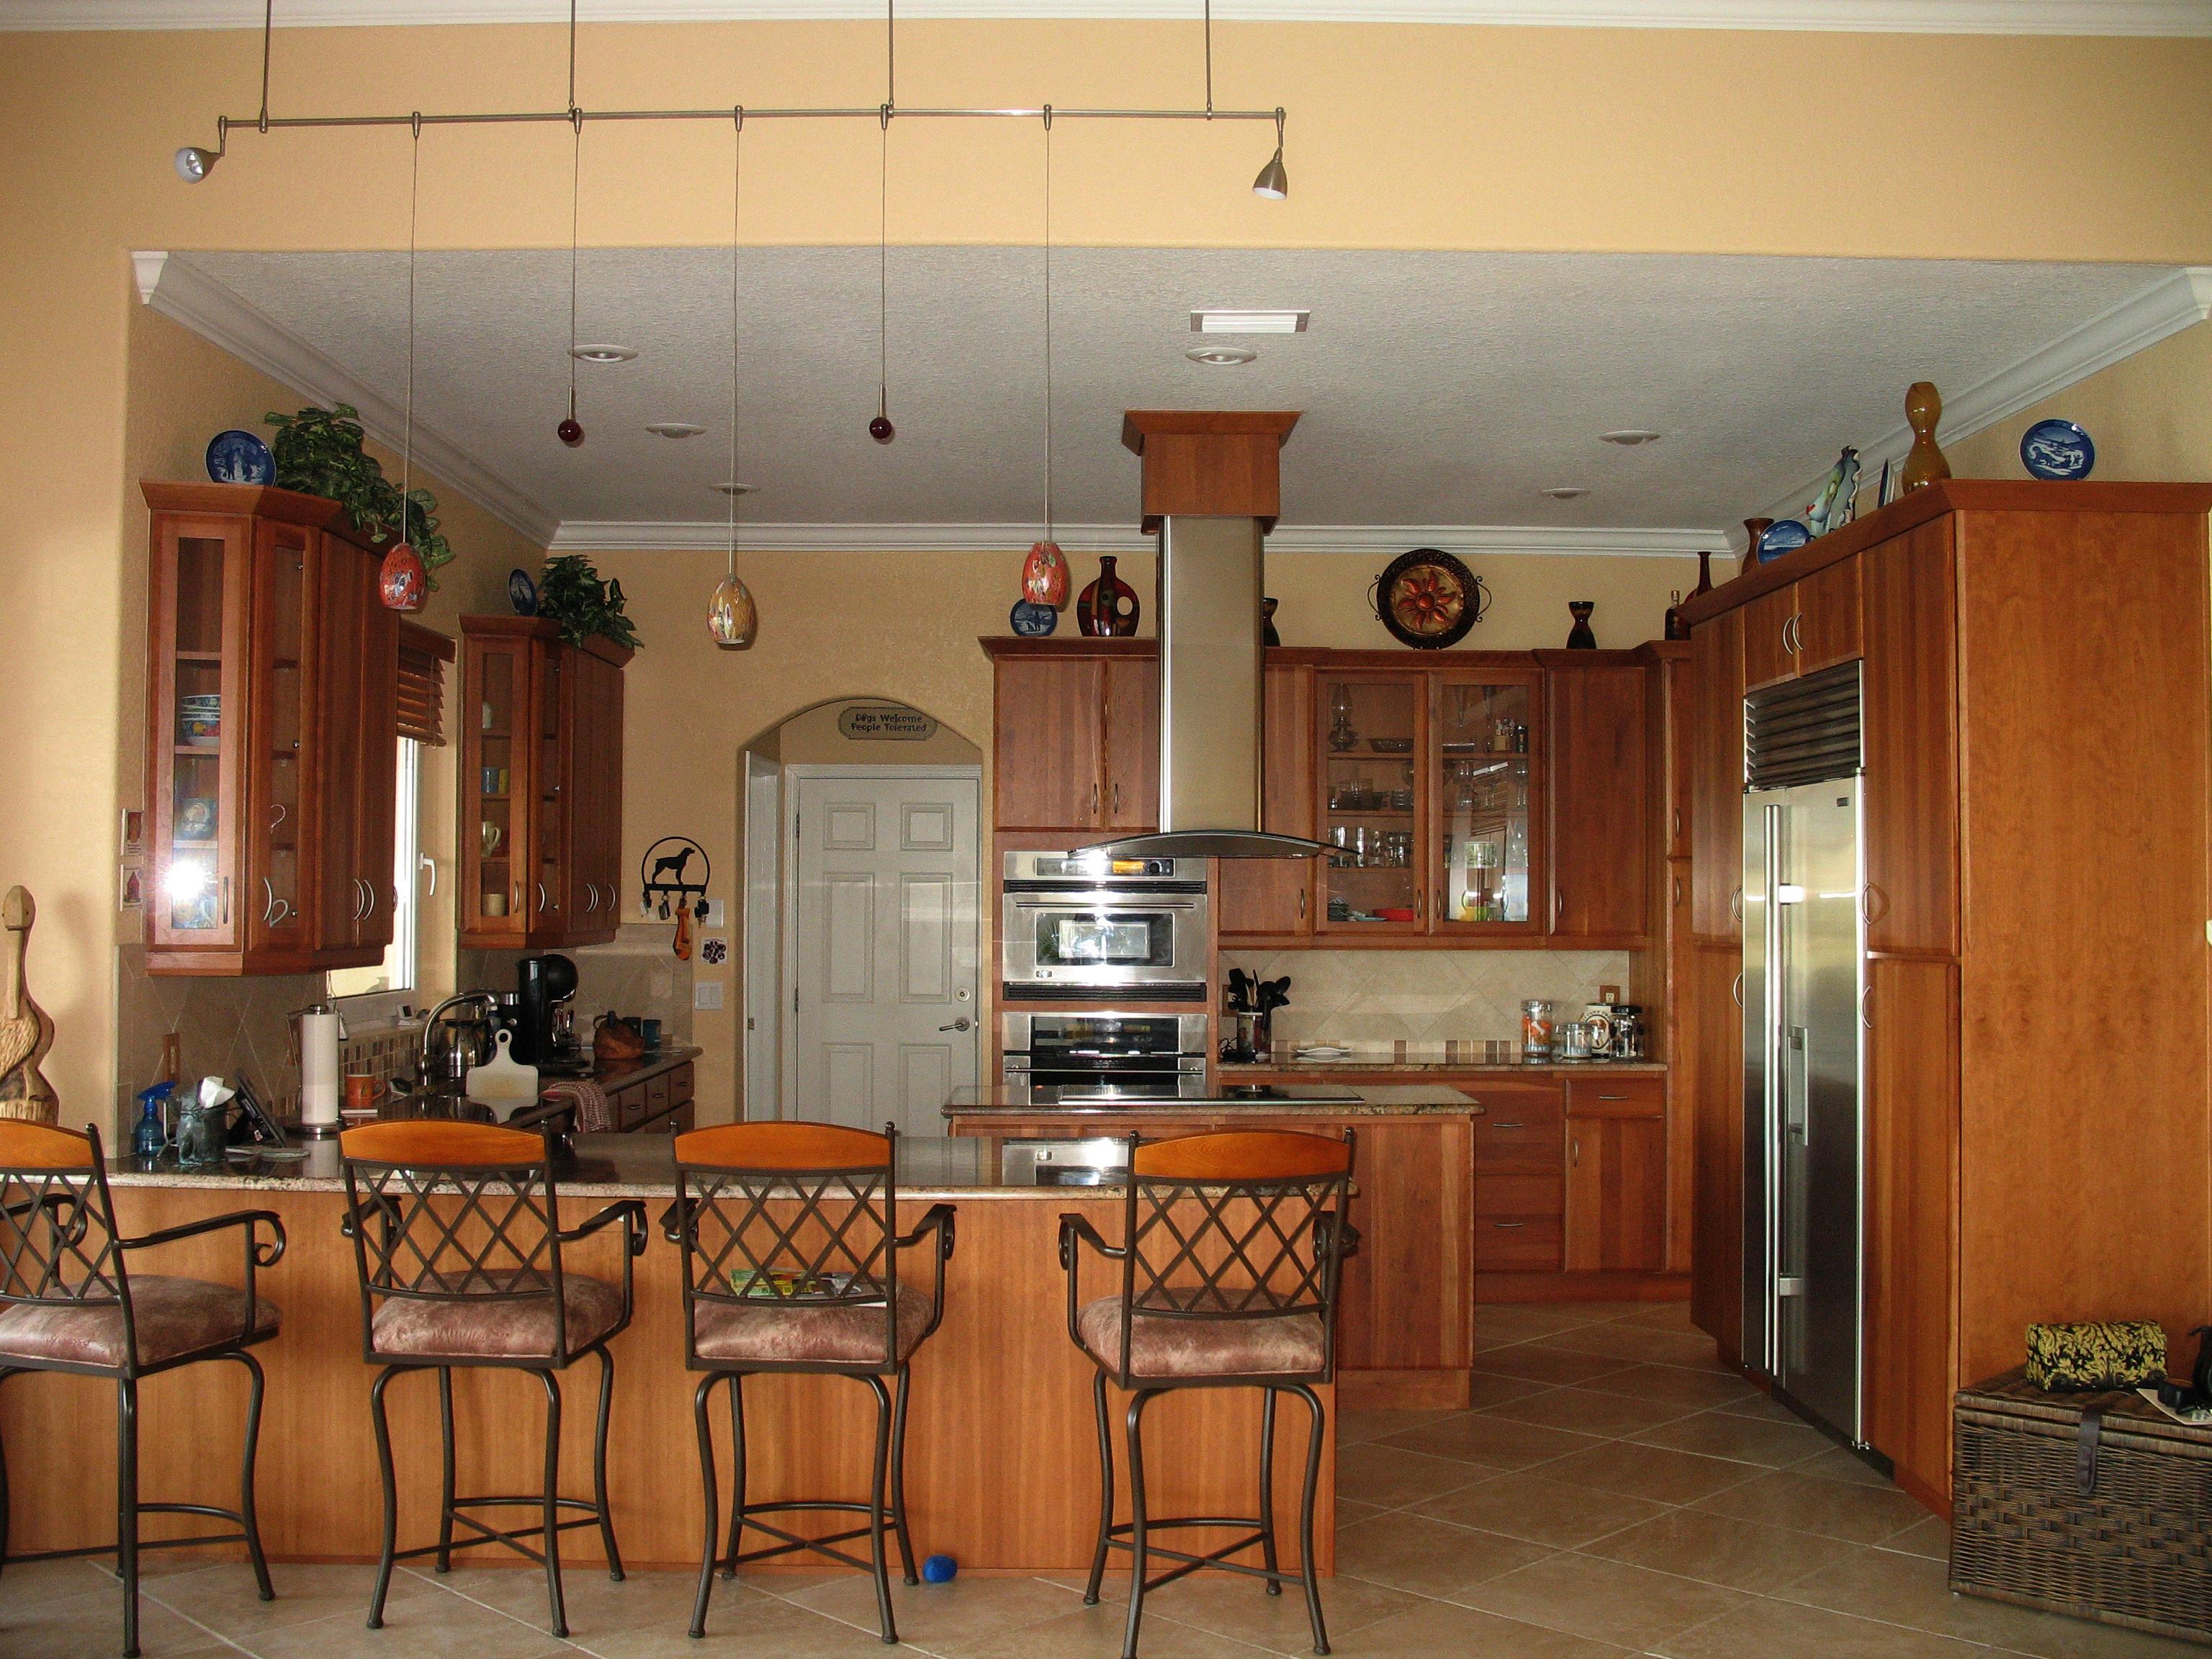 Leverette Home Design Center 9824 Ideal Lane Hudson, FL Kitchen ...